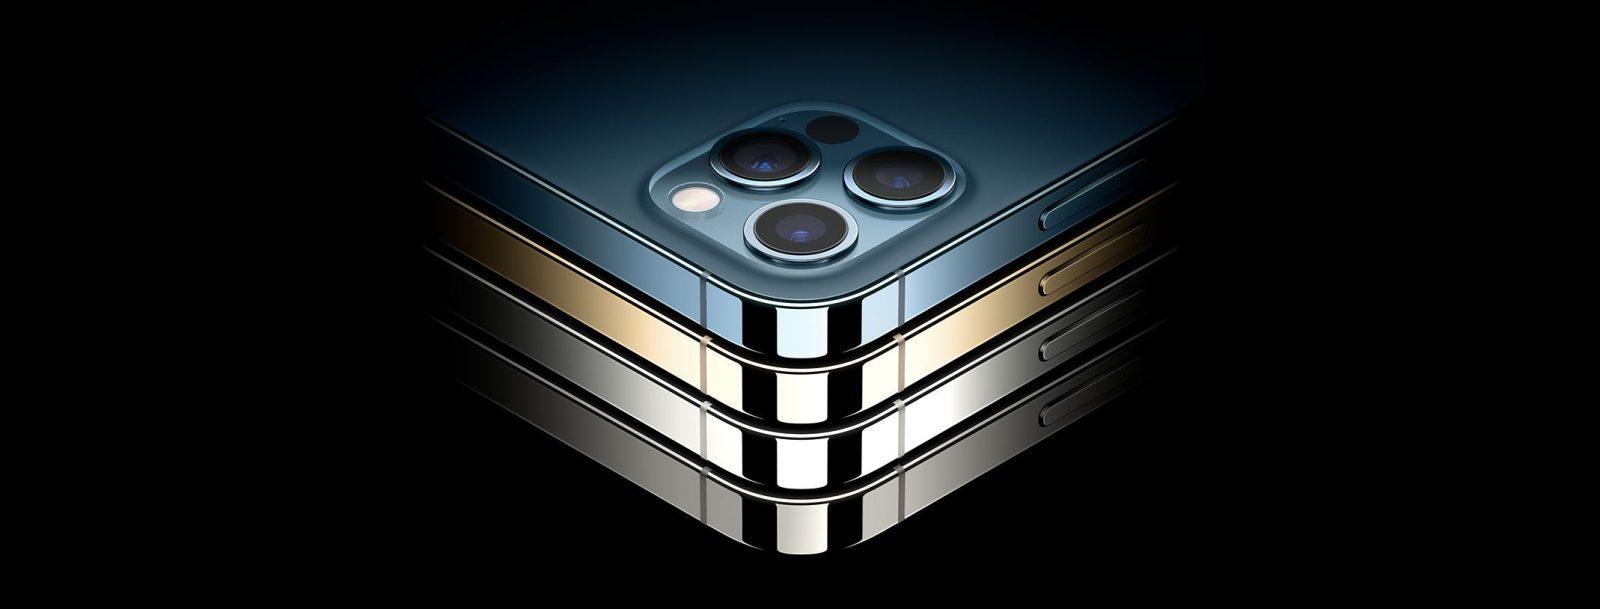 iPhone 13 có thể sẽ được ra mắt vào tháng 9 năm 2021 2